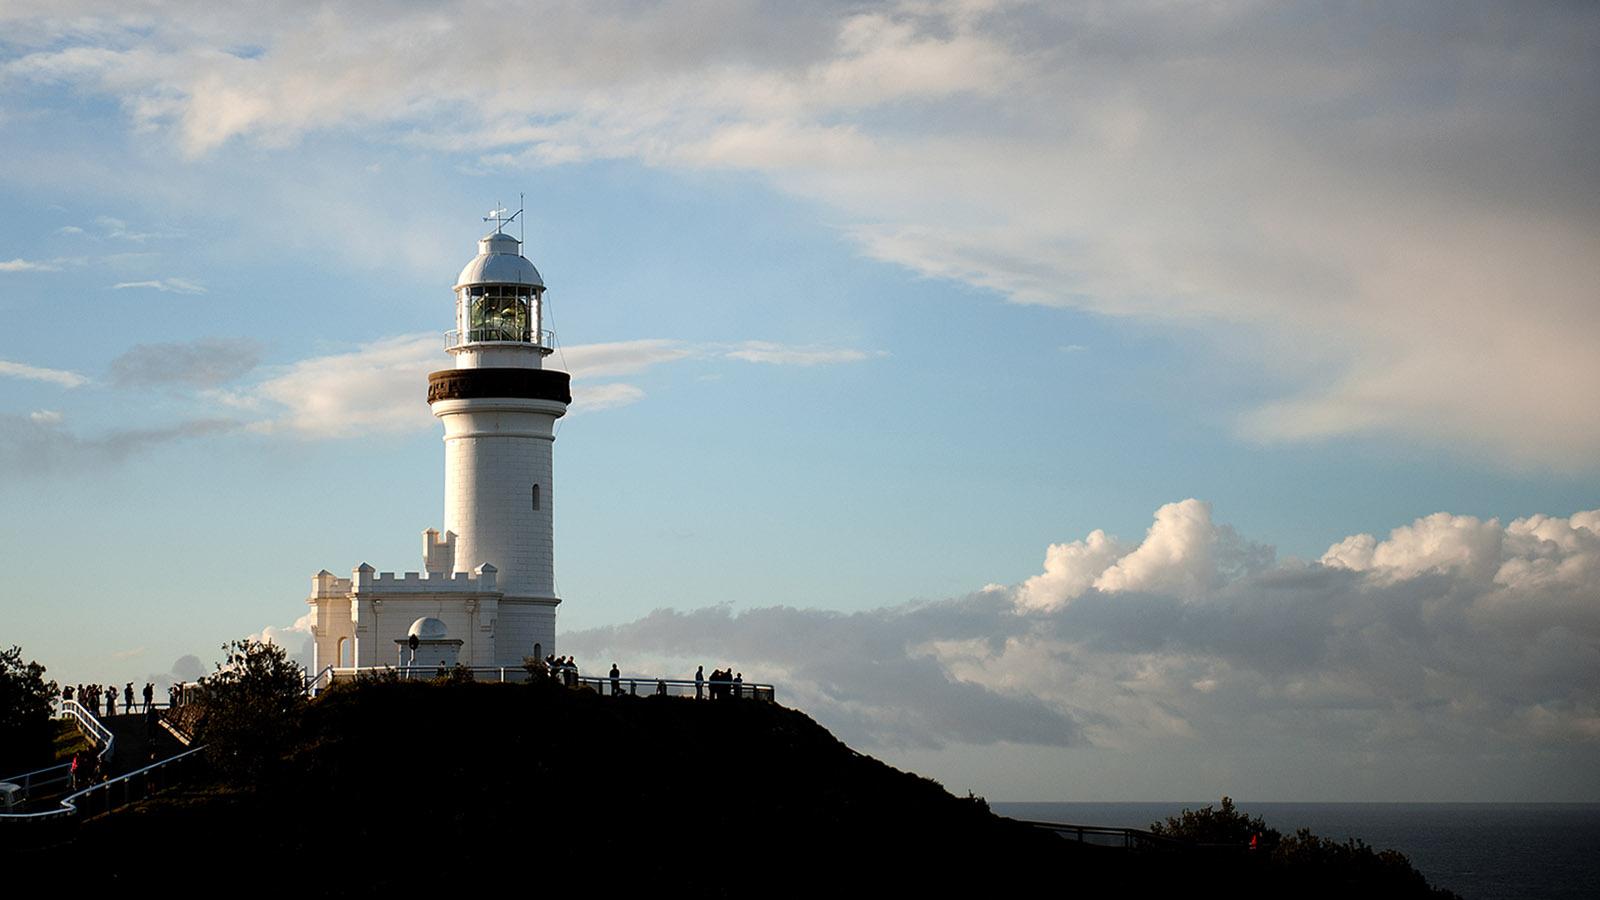 Australische Leuchttürme: Der Leuchtturm von Byron Bay auf dem östlichen Kap der Ostküste Australiens. Foto: Hilke Maunder